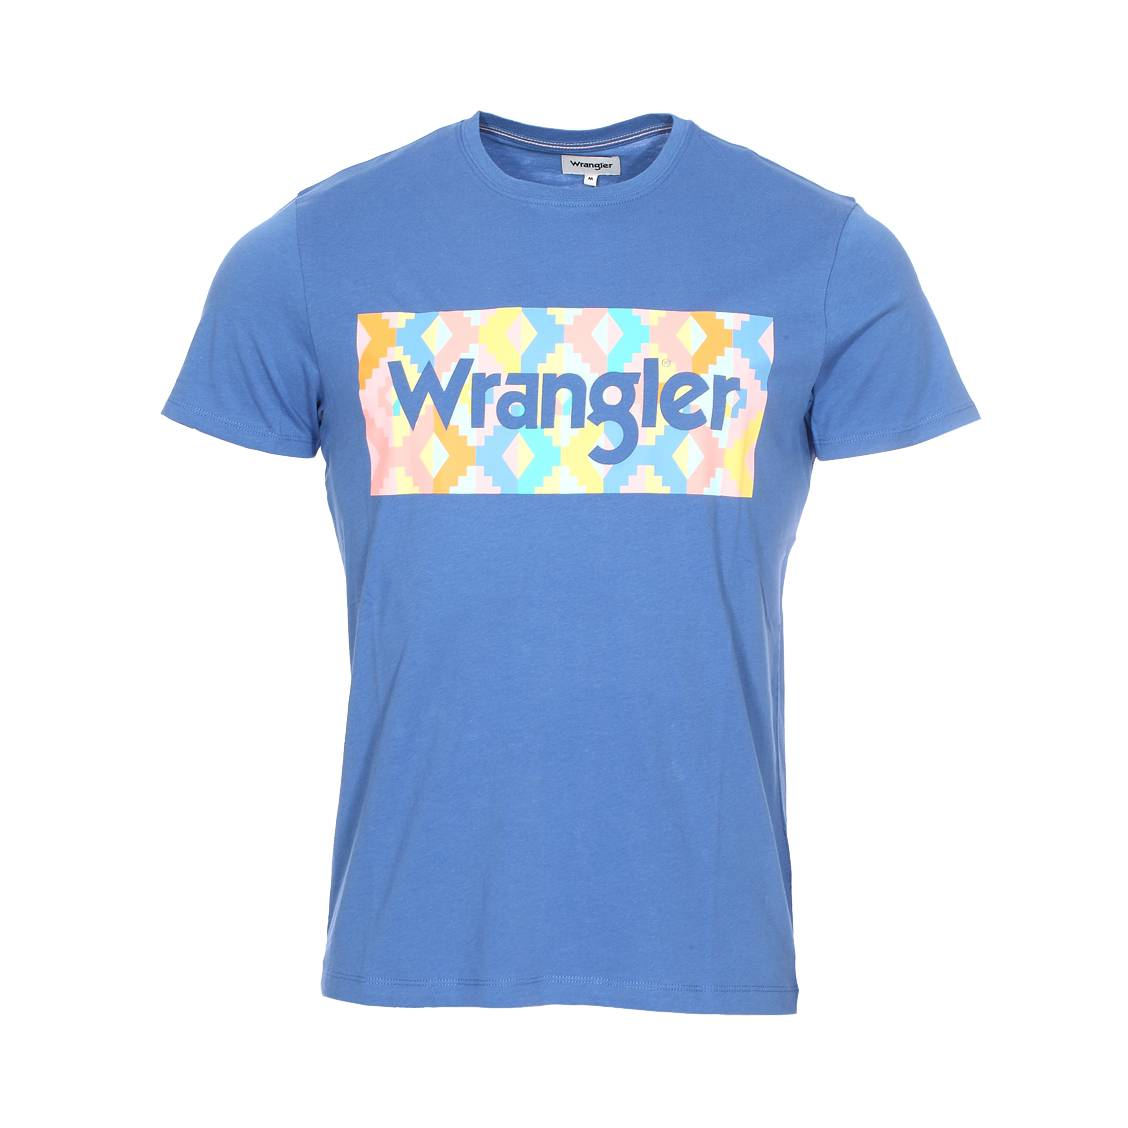 Tee-shirt col rond  summer logo en coton bleu marine floqué multicolore